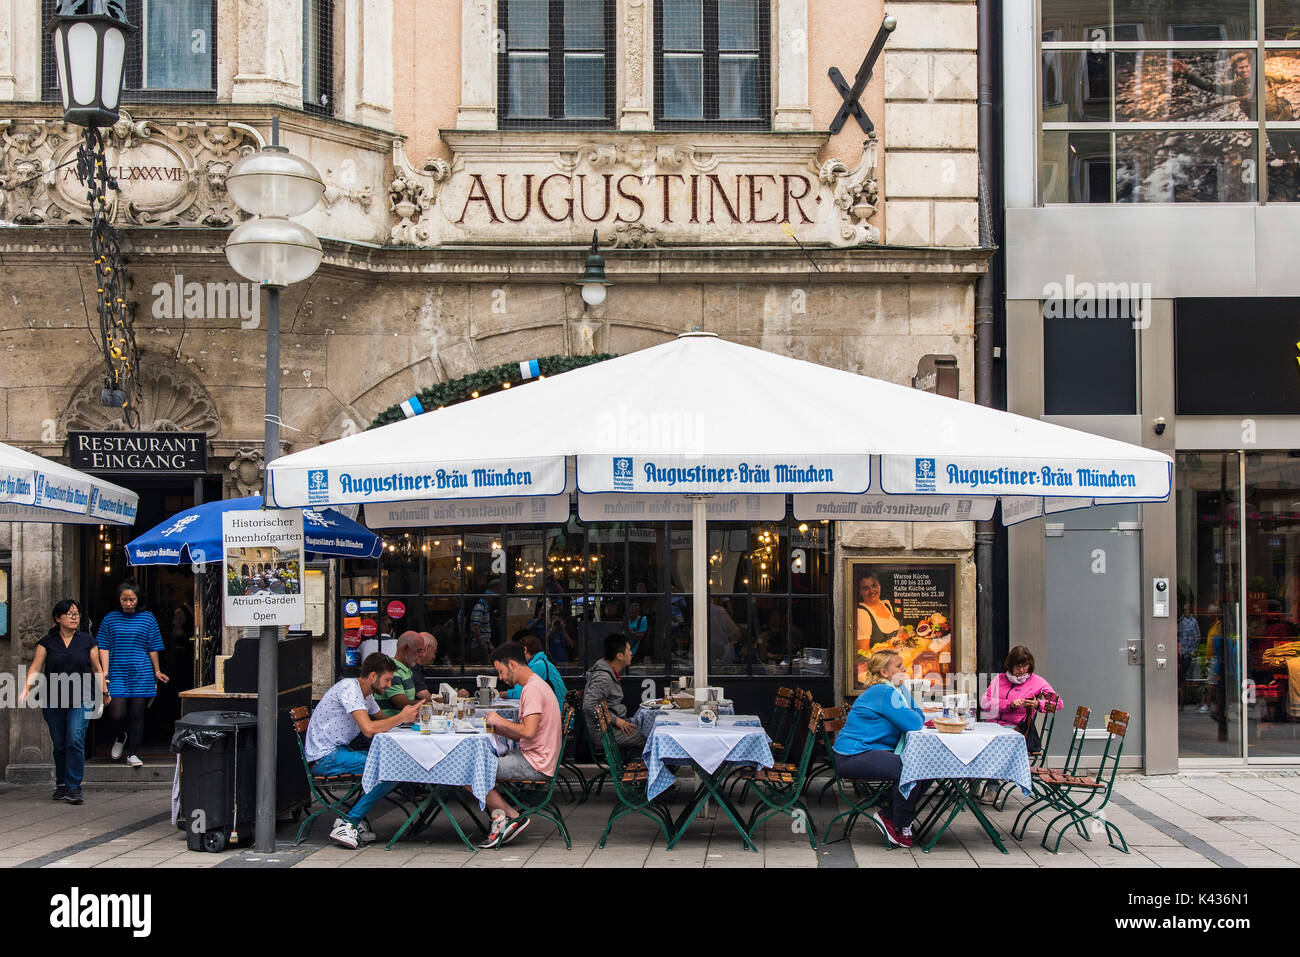 Les touristes assis à des tables à l'extérieur de l'historique de la brasserie Augustiner, Munich, Bavière, Allemagne Photo Stock